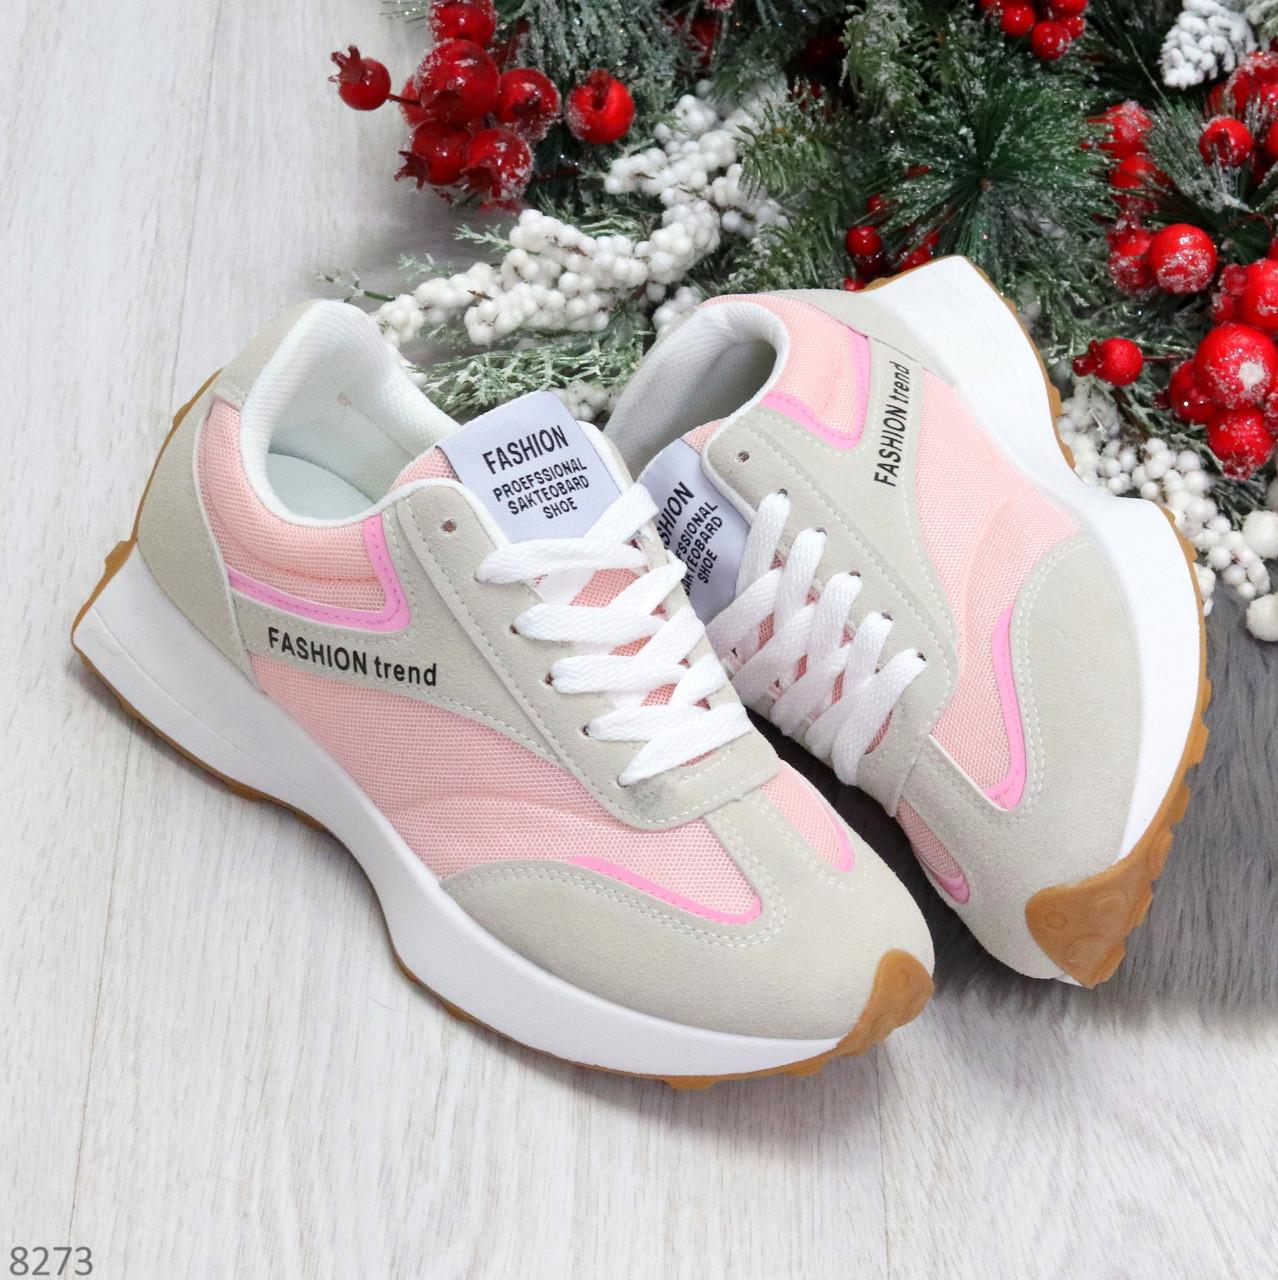 Розовые серые текстильные женские замшевые кроссовки с рефлективными вставками 40-25см